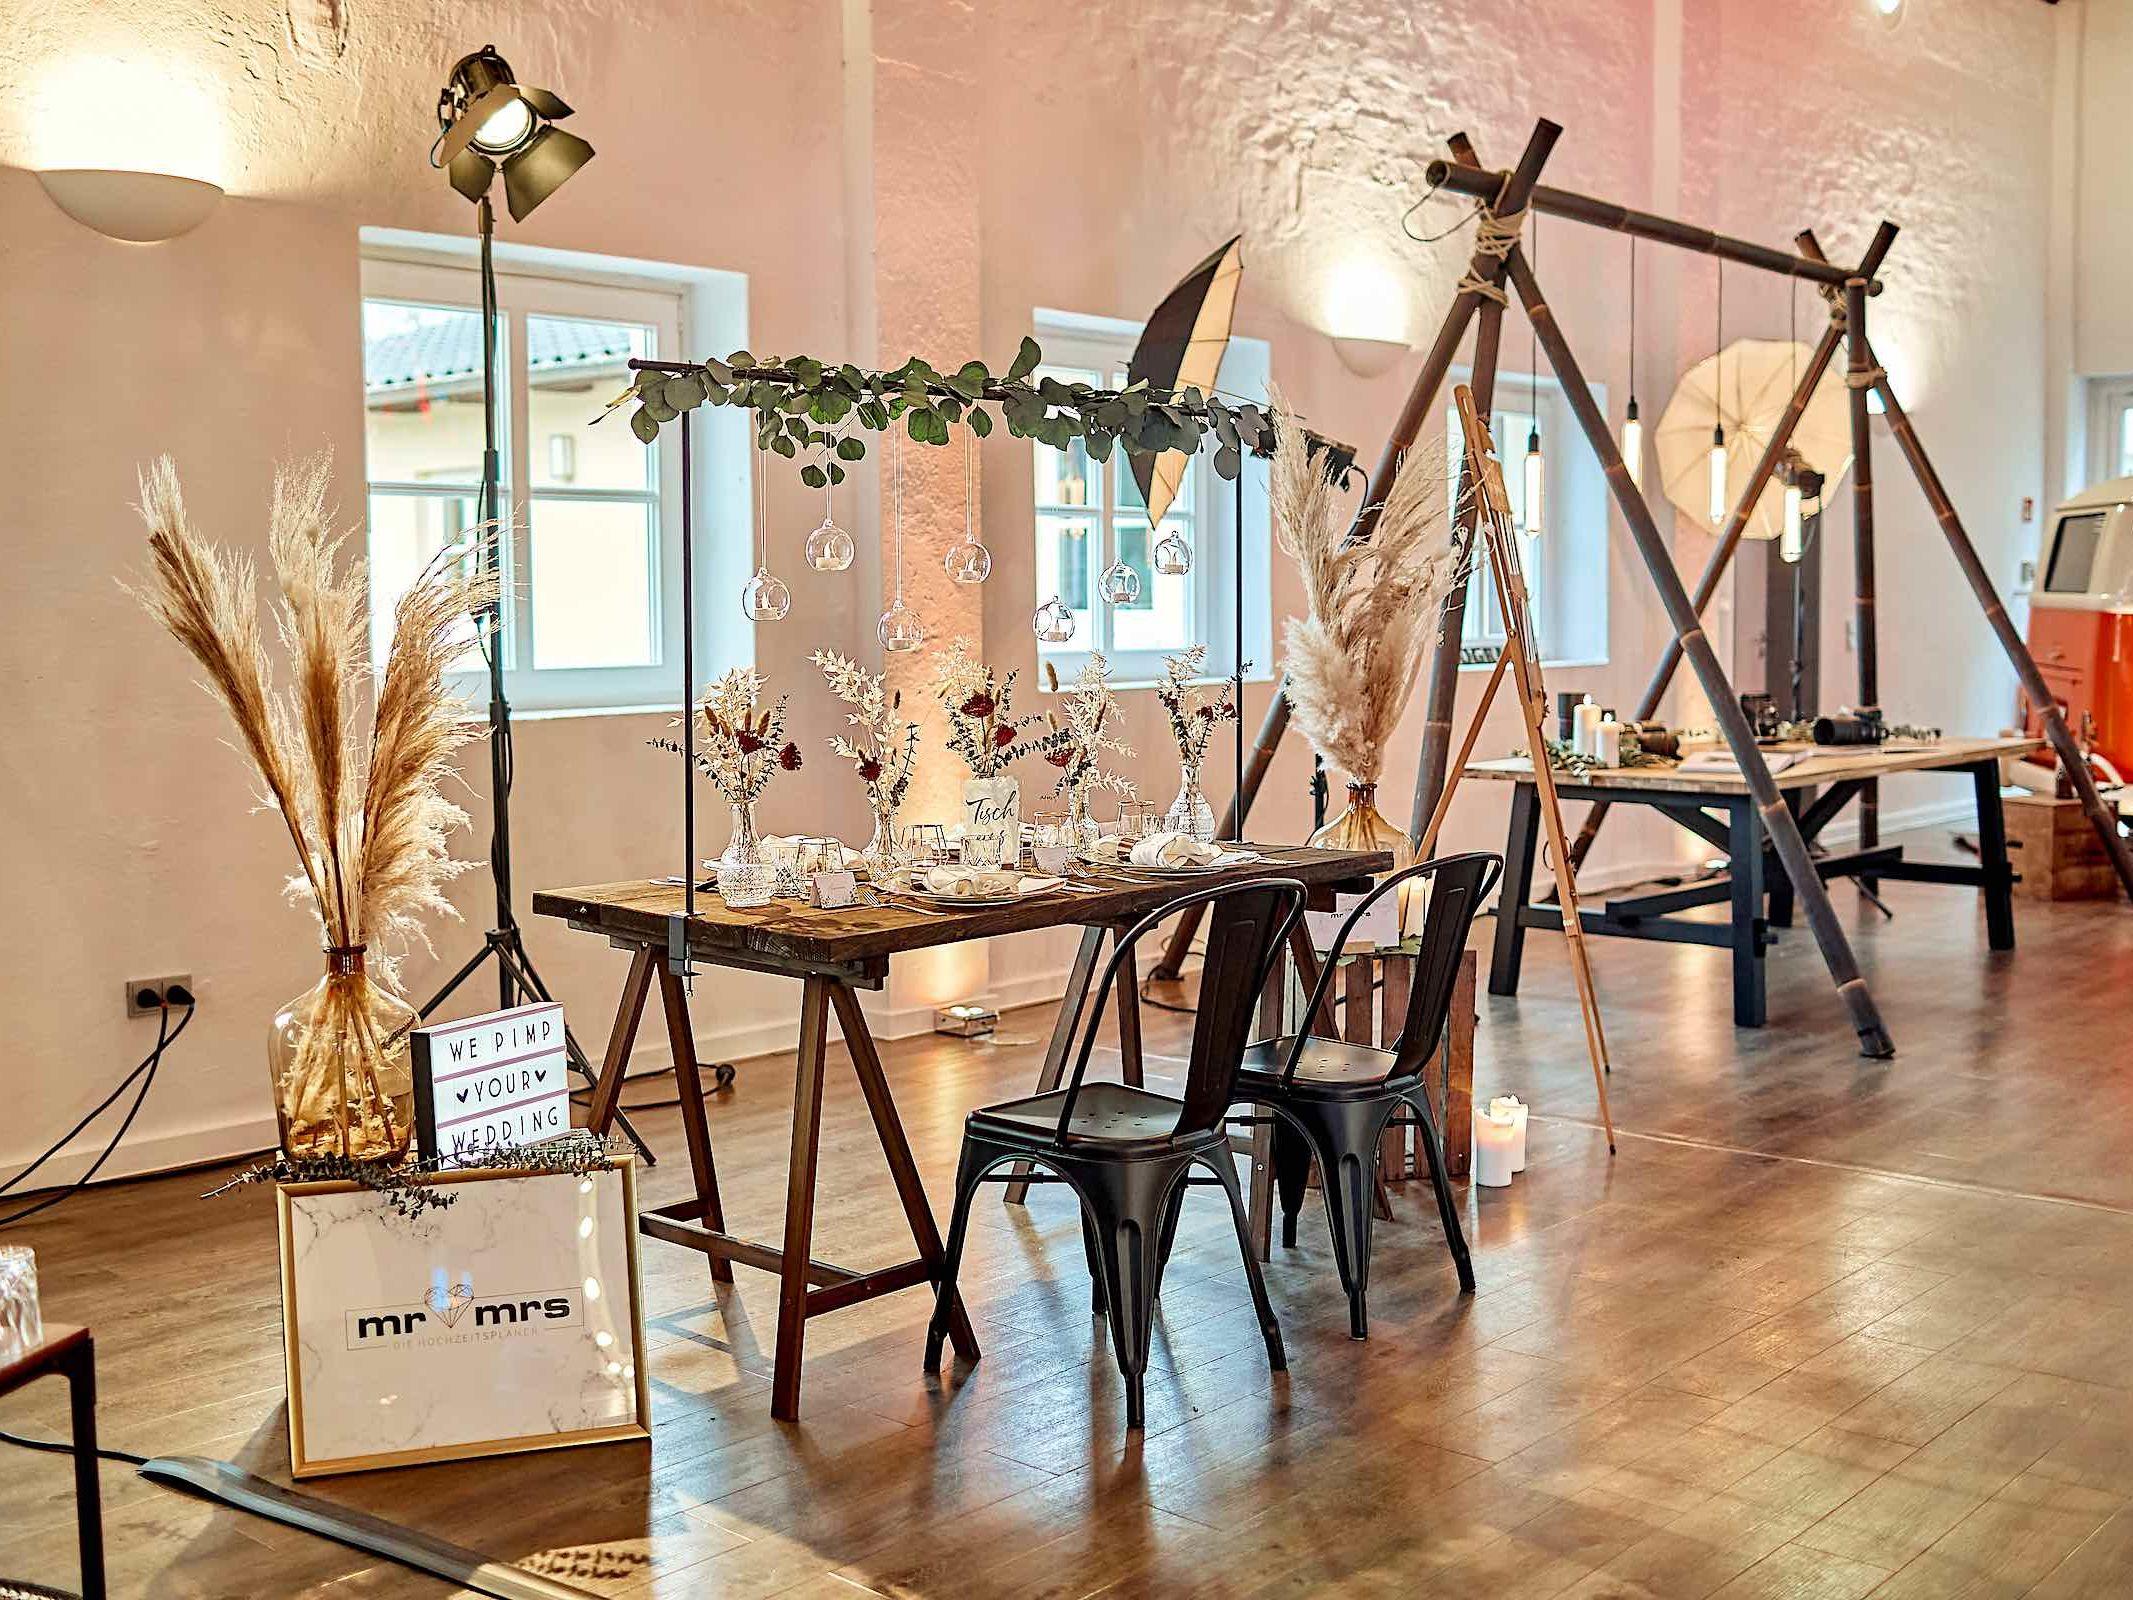 Eventplaner   Eventaustattung   Mieten   Buchen   Hochzeitsplaner   Dekoration   Hochzeiten   Modenschauen   Firmenfeiern   Gala   Tischdekoration   Technik   Logistik   Lieferung   Hannover   Braunschweig